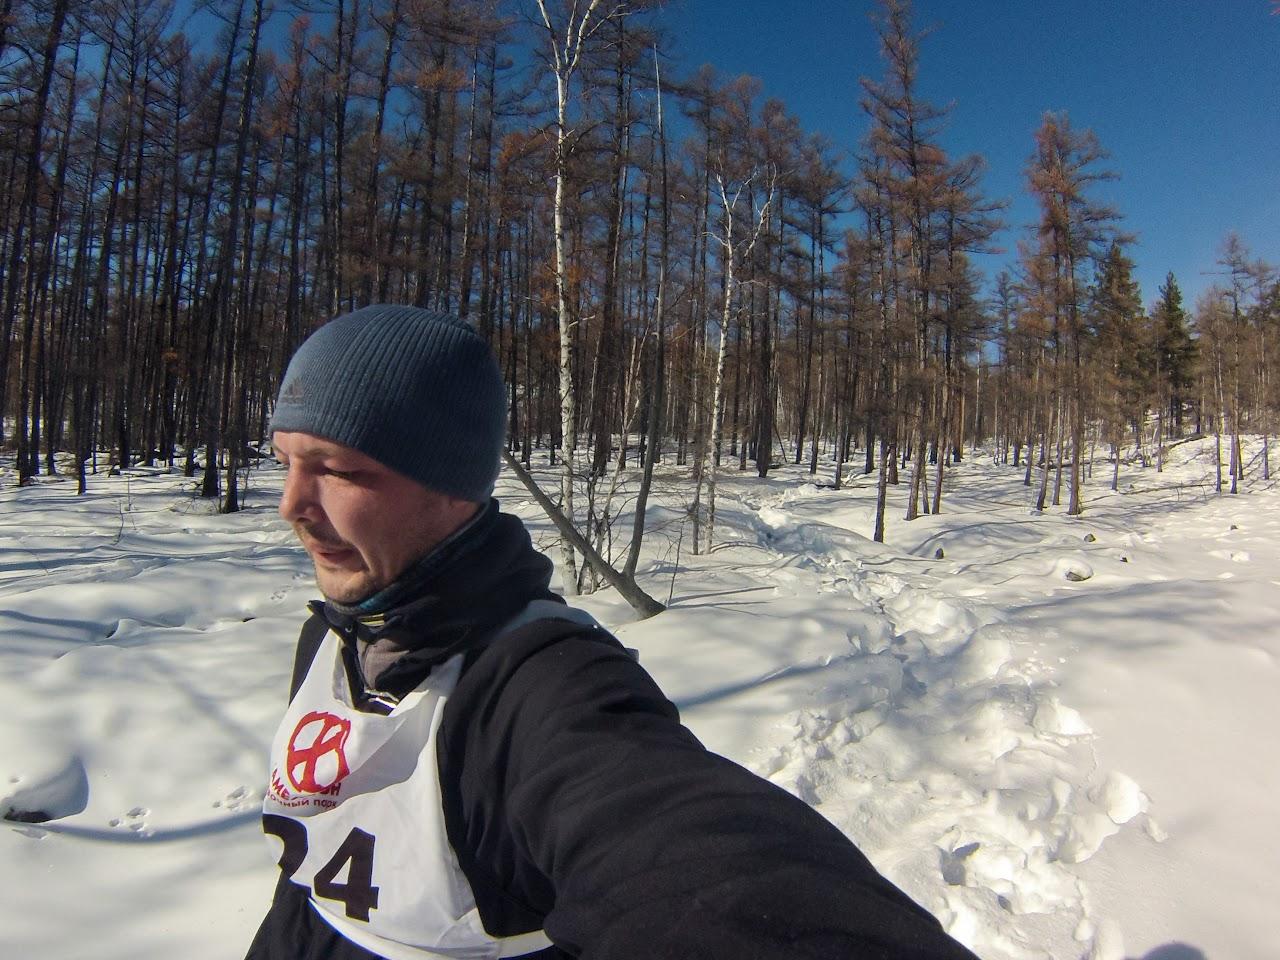 Обратный путь через заснеженный лес